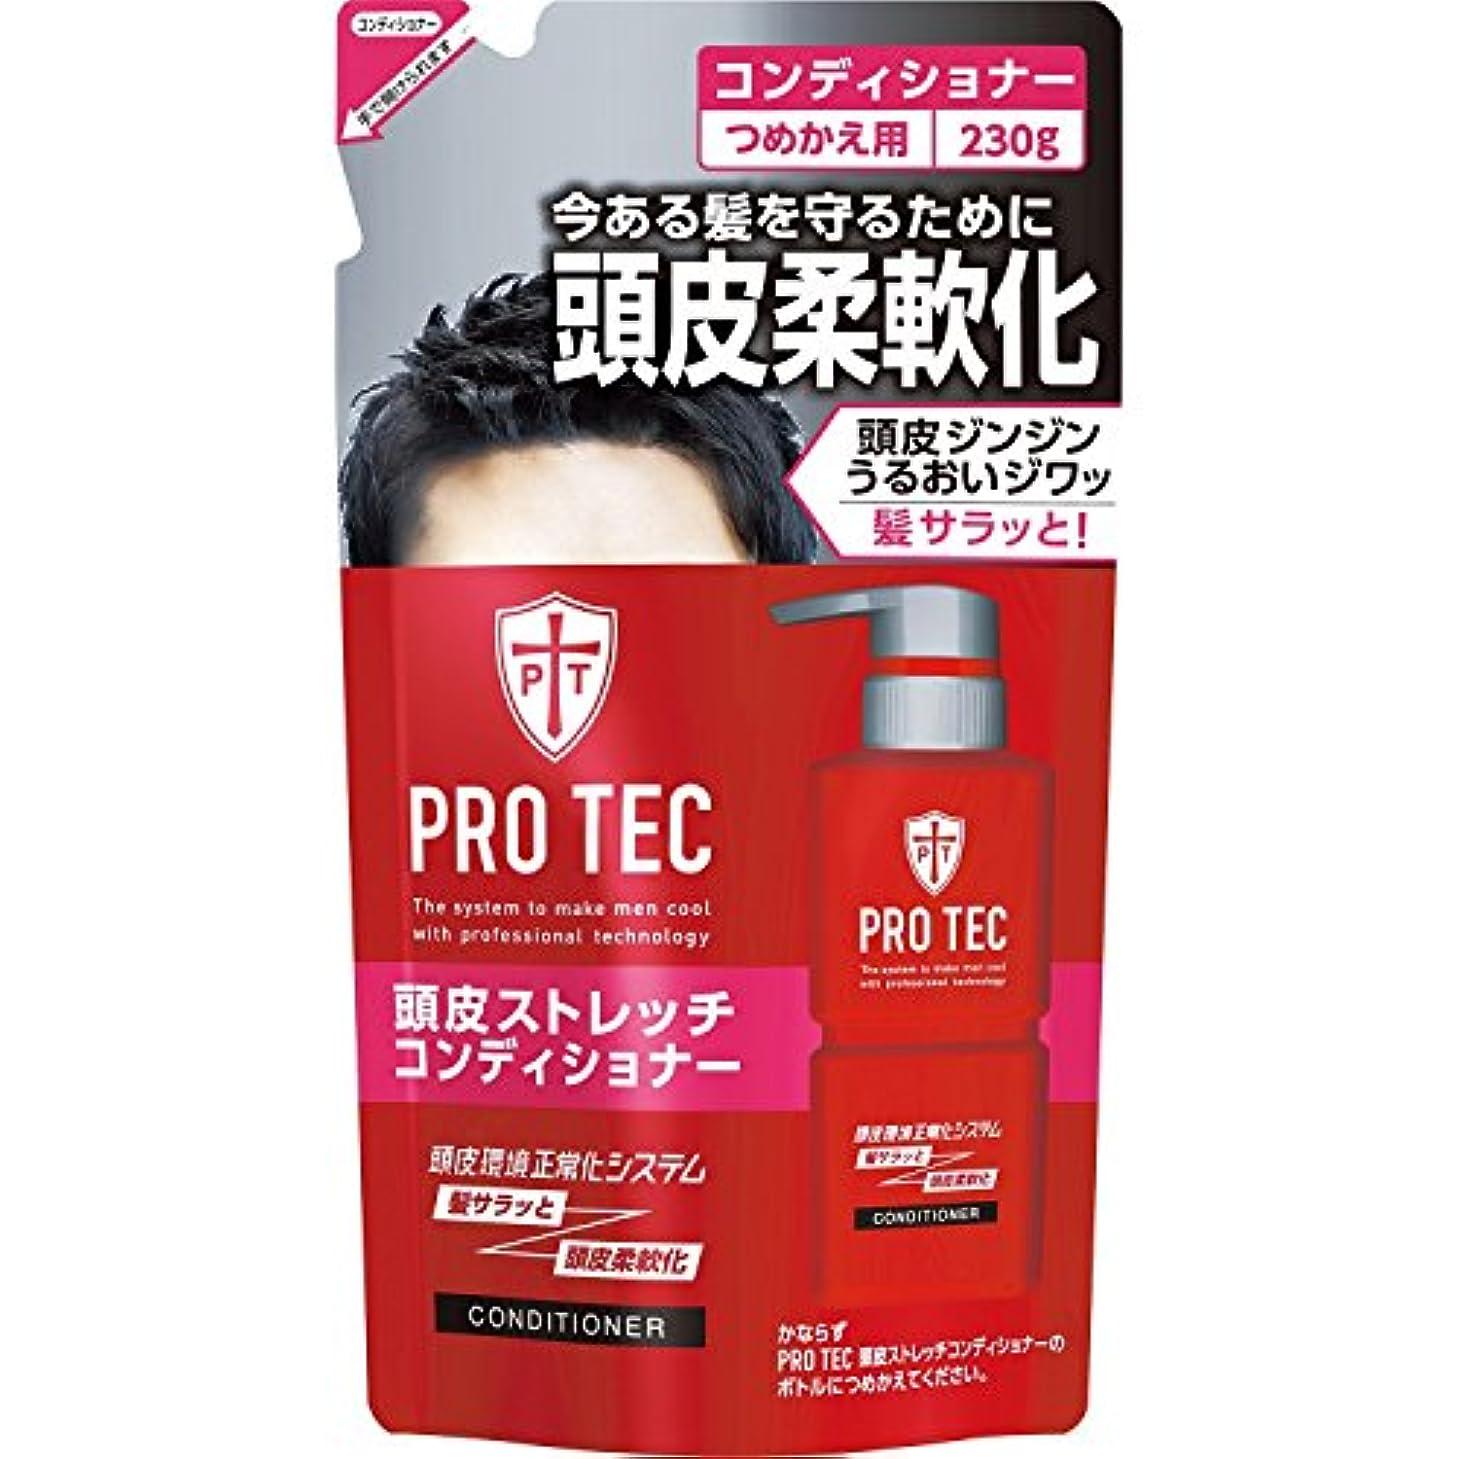 豪華な故障中船上PRO TEC(プロテク) 頭皮ストレッチコンディショナー つめかえ用 230g ×10個セット